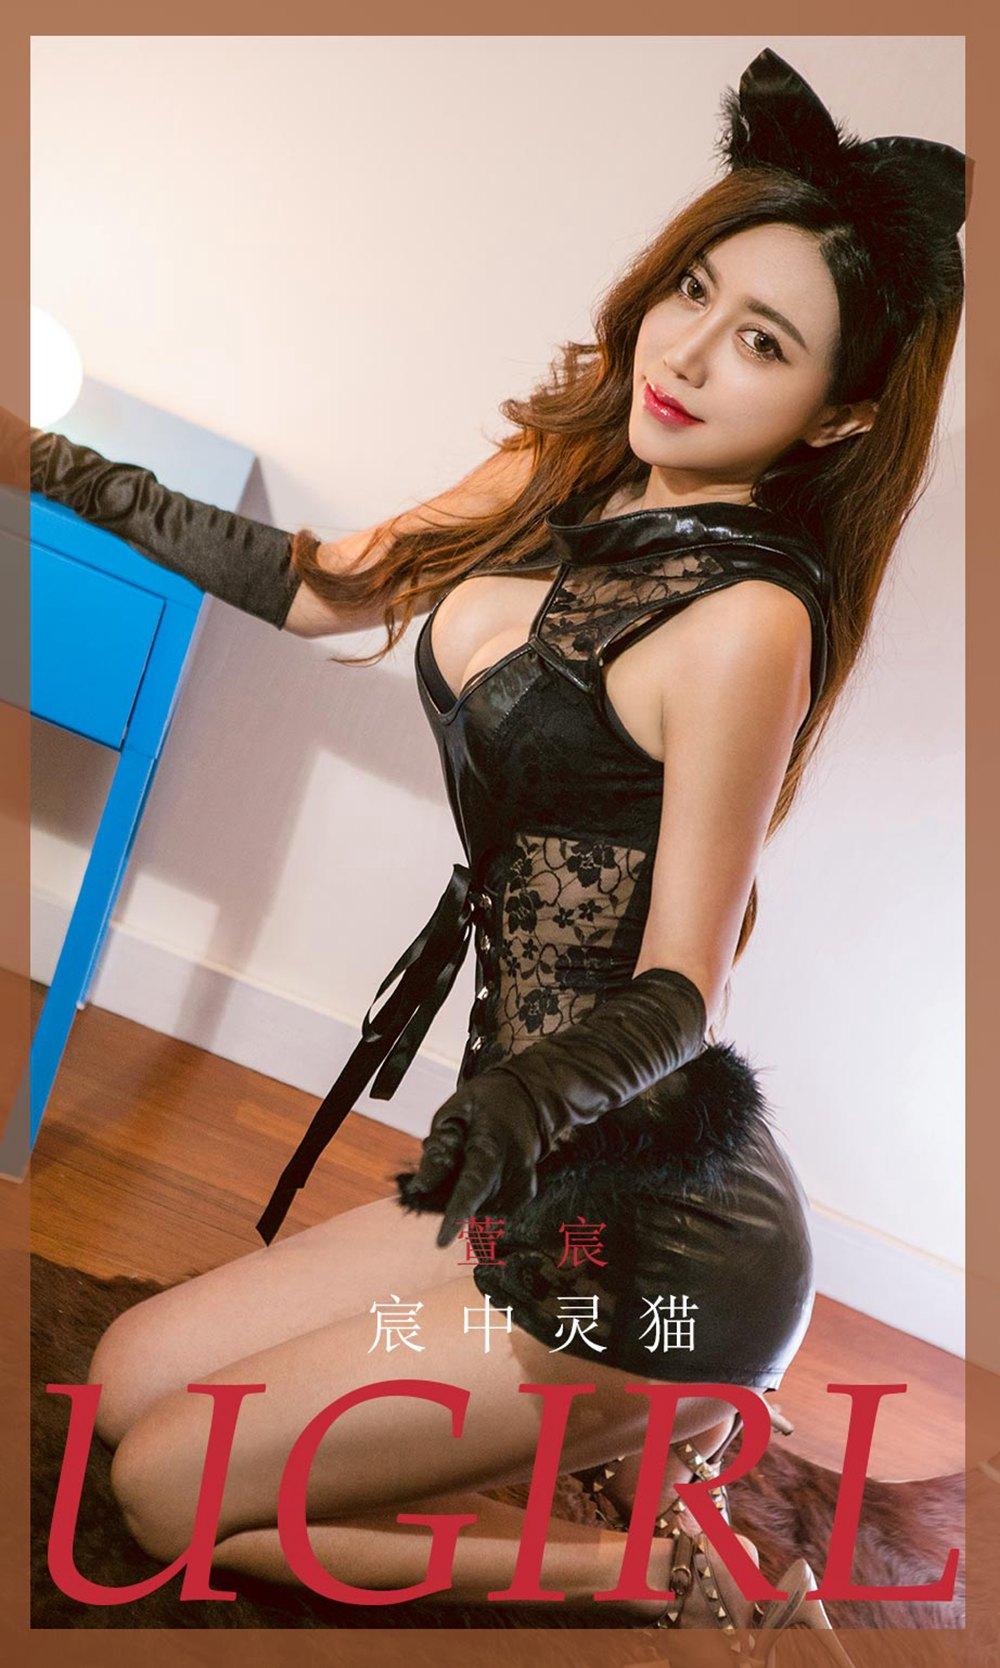 [Ugirls尤果网]爱尤物专辑 2020.05.03 No.1810 萱宸 宸中灵猫 [35P] -第1张